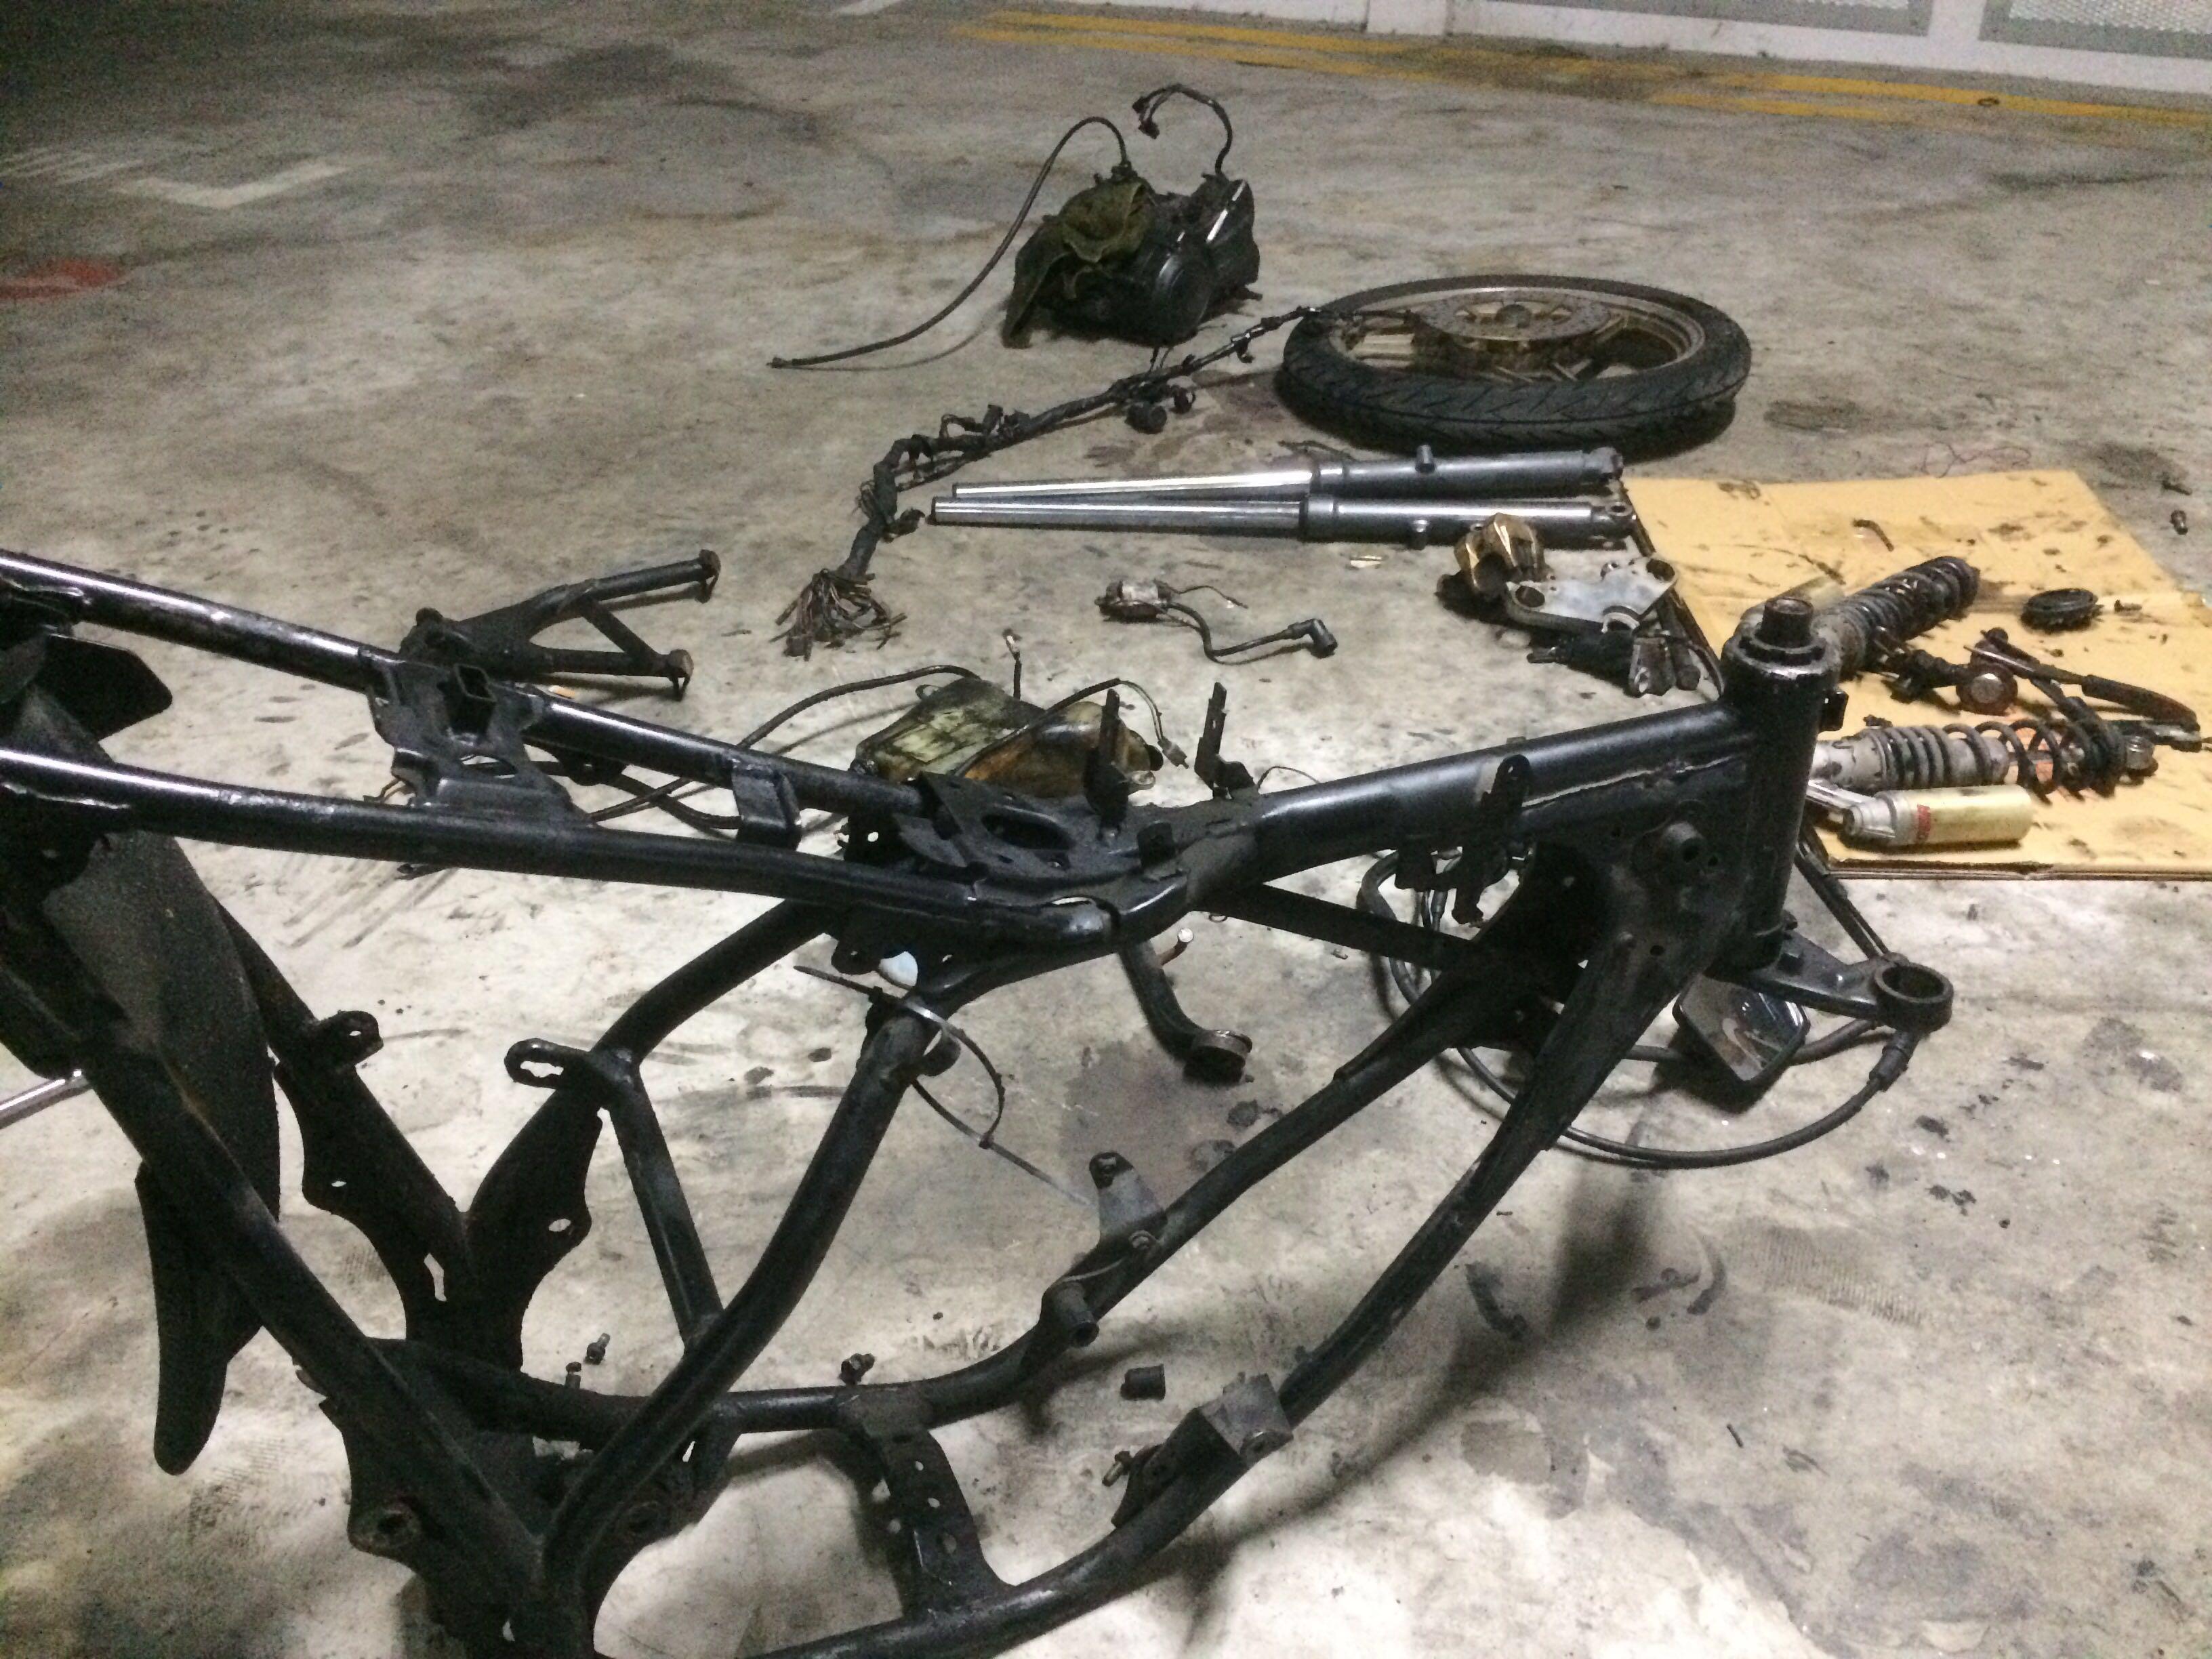 RXZ Parts Garage